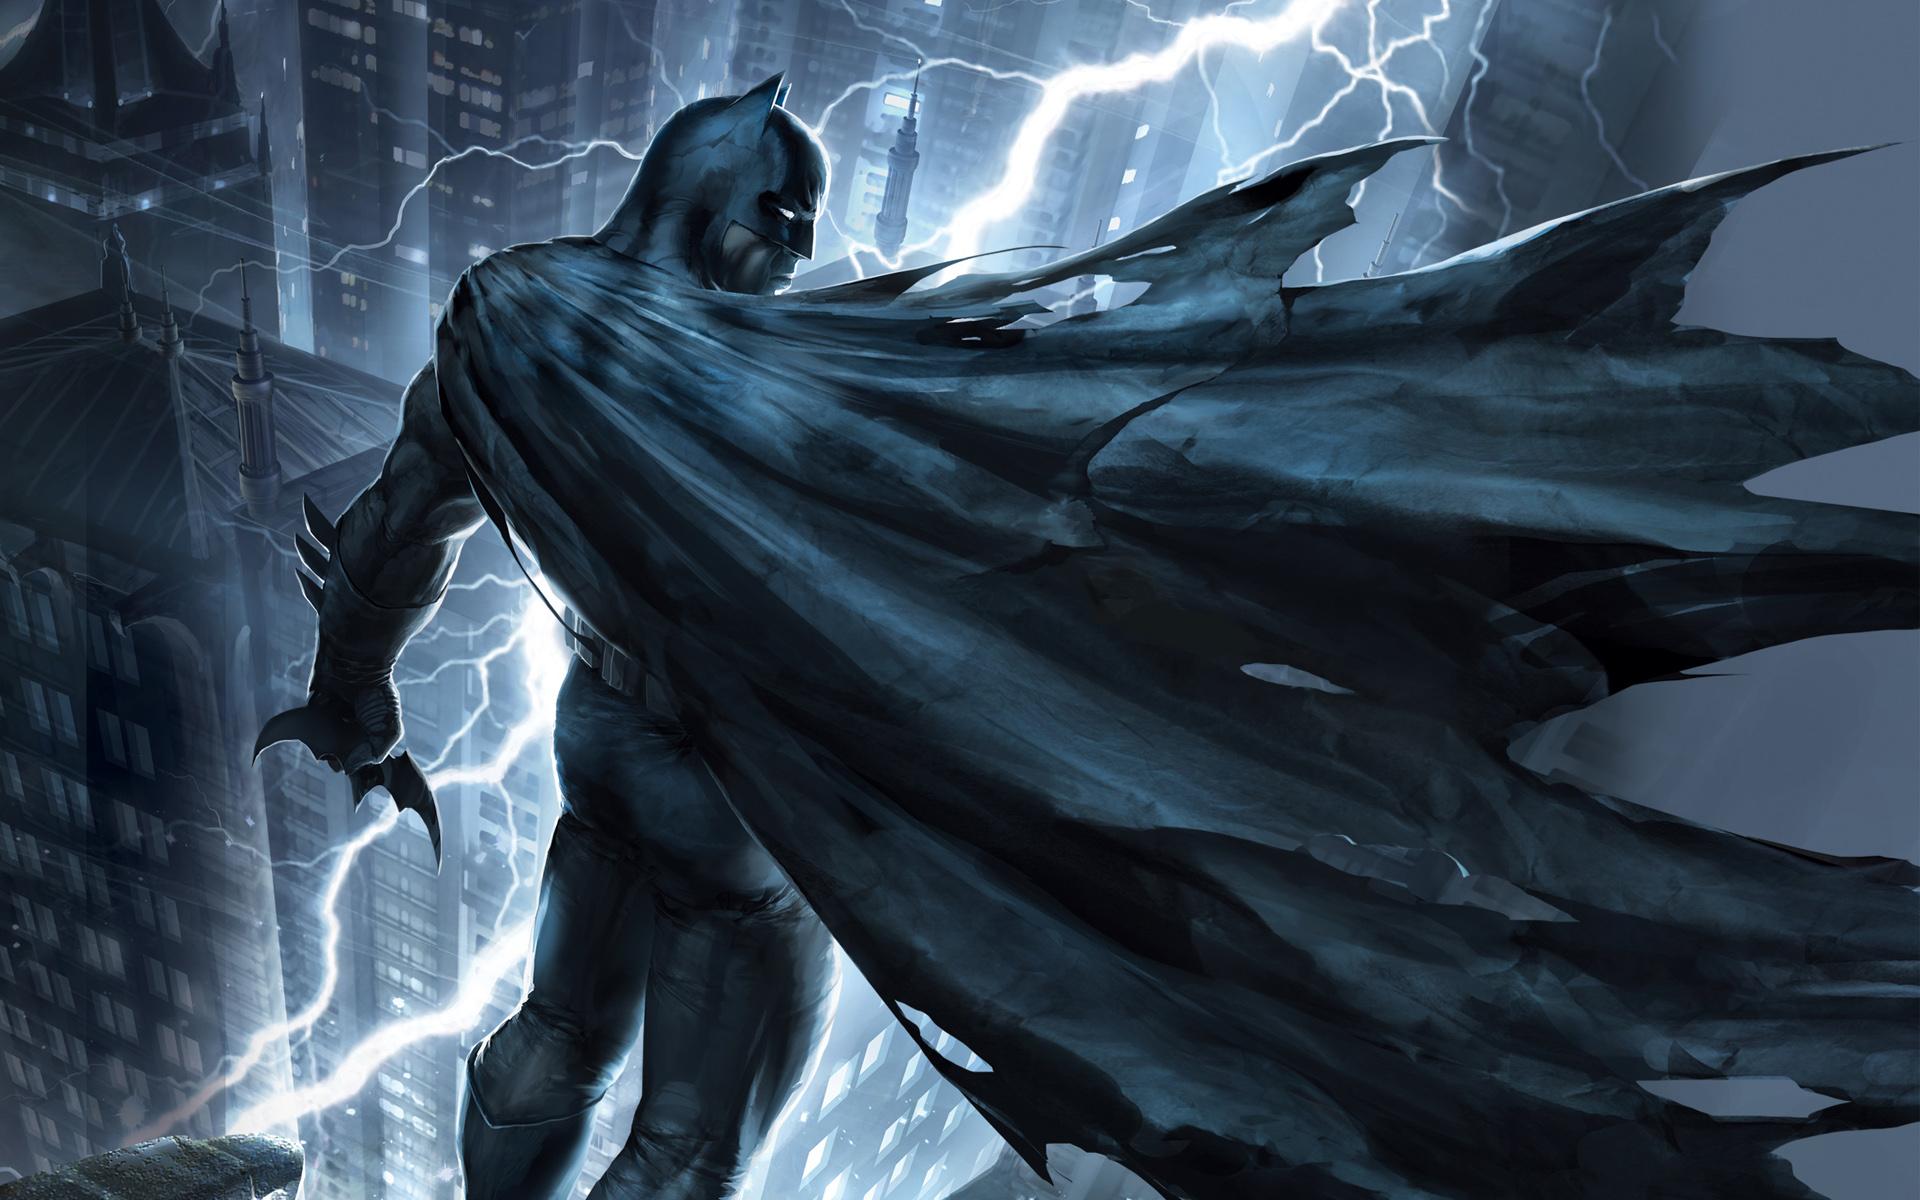 Se voc tambm f de Batman no pode deixar de conferir este 1920x1200